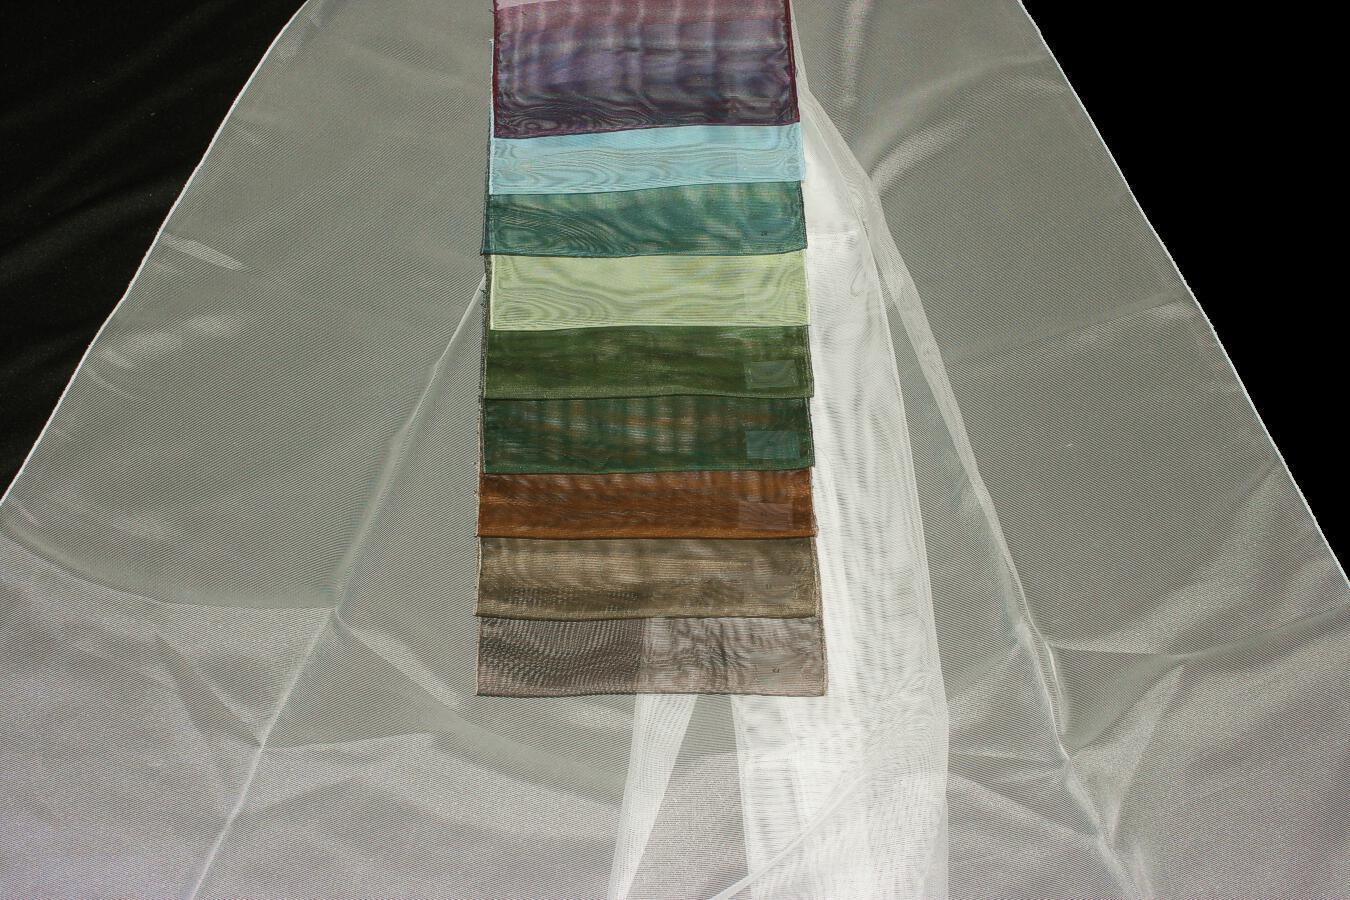 Záclona 2888 300 cm 07 černá